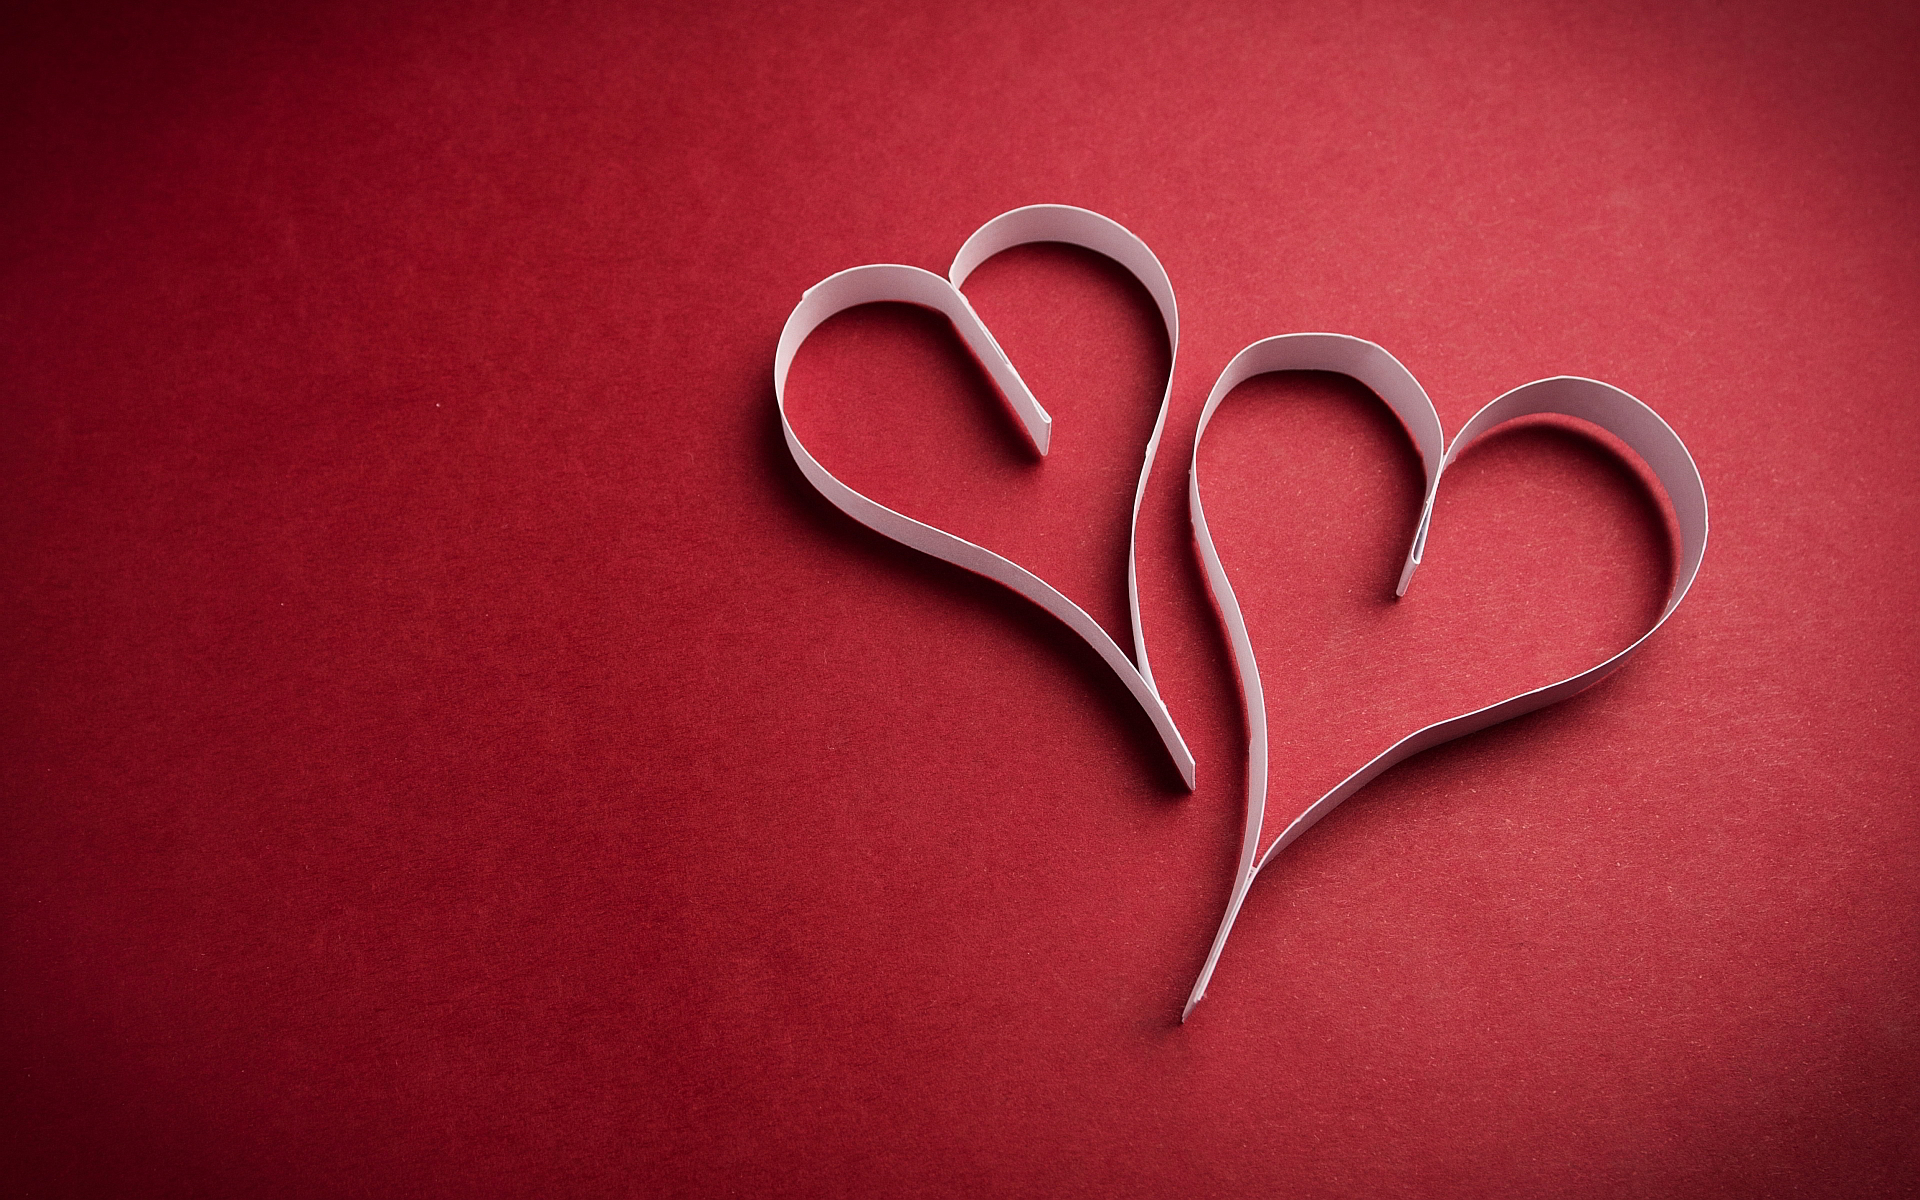 Paper strips heart